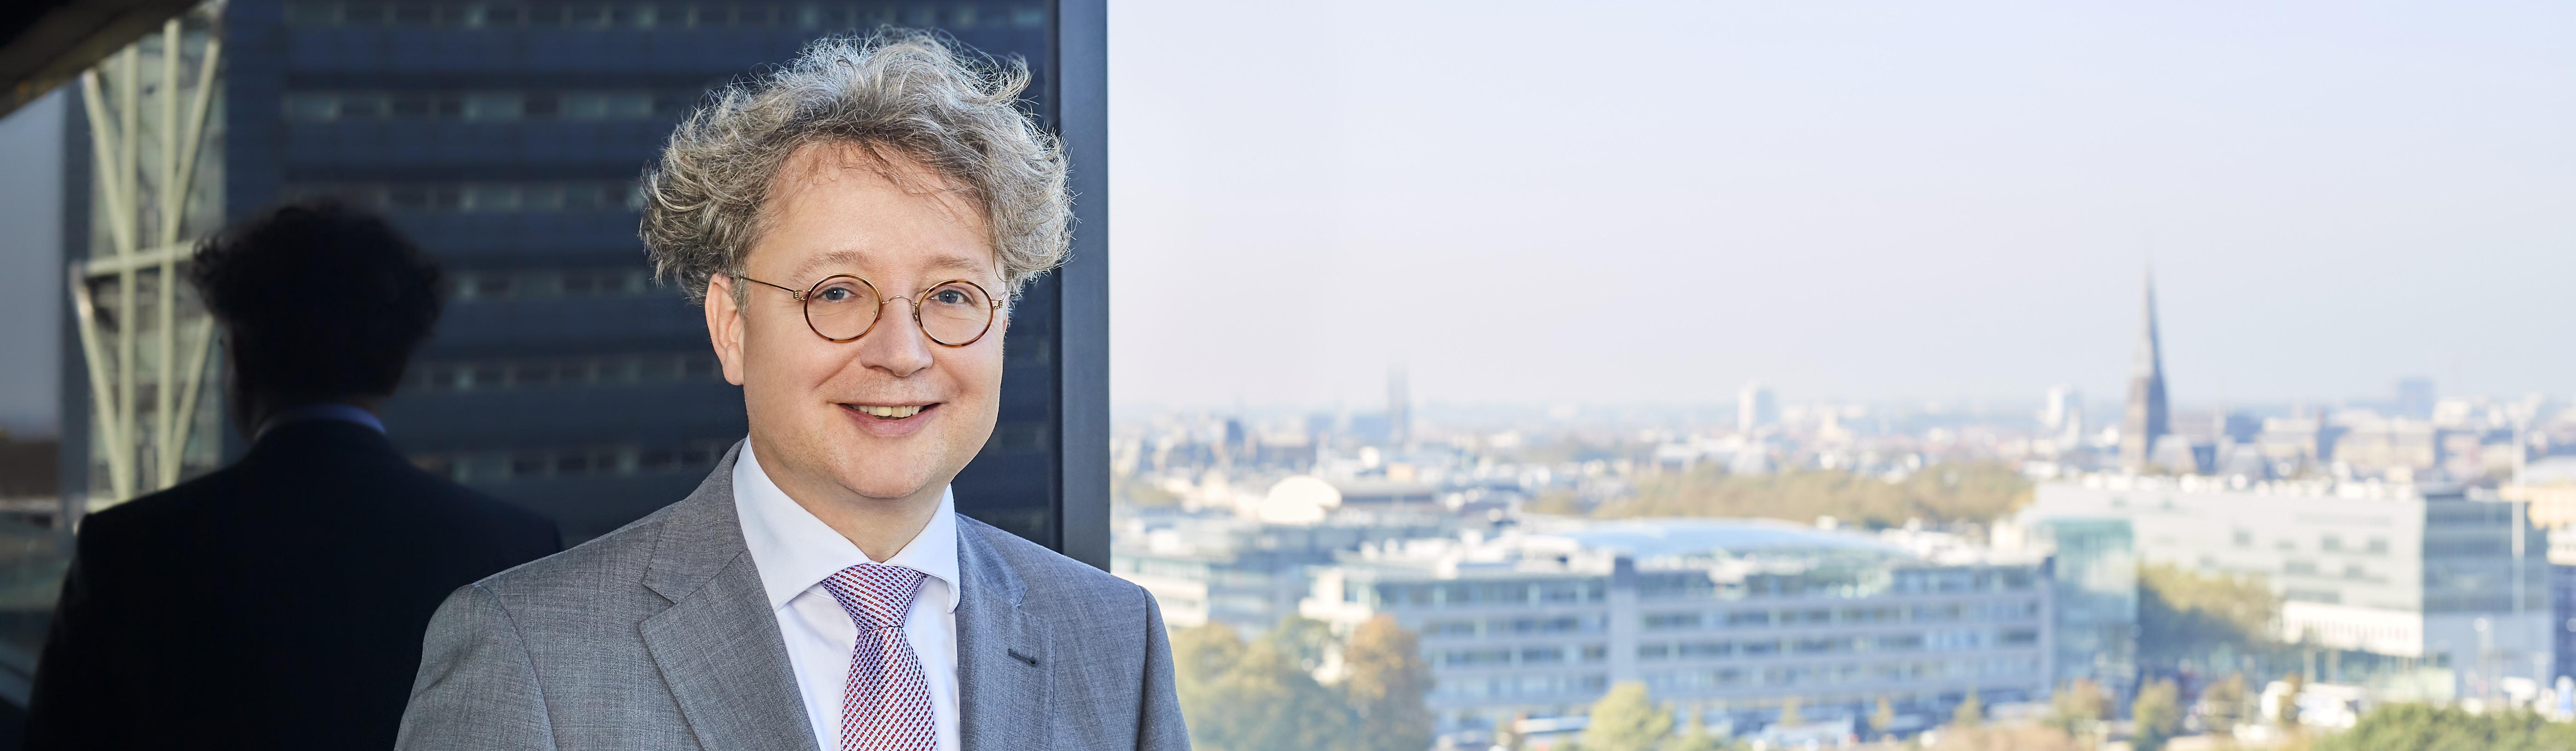 Jean-Paul Heinrich, counsel Pels Rijcken